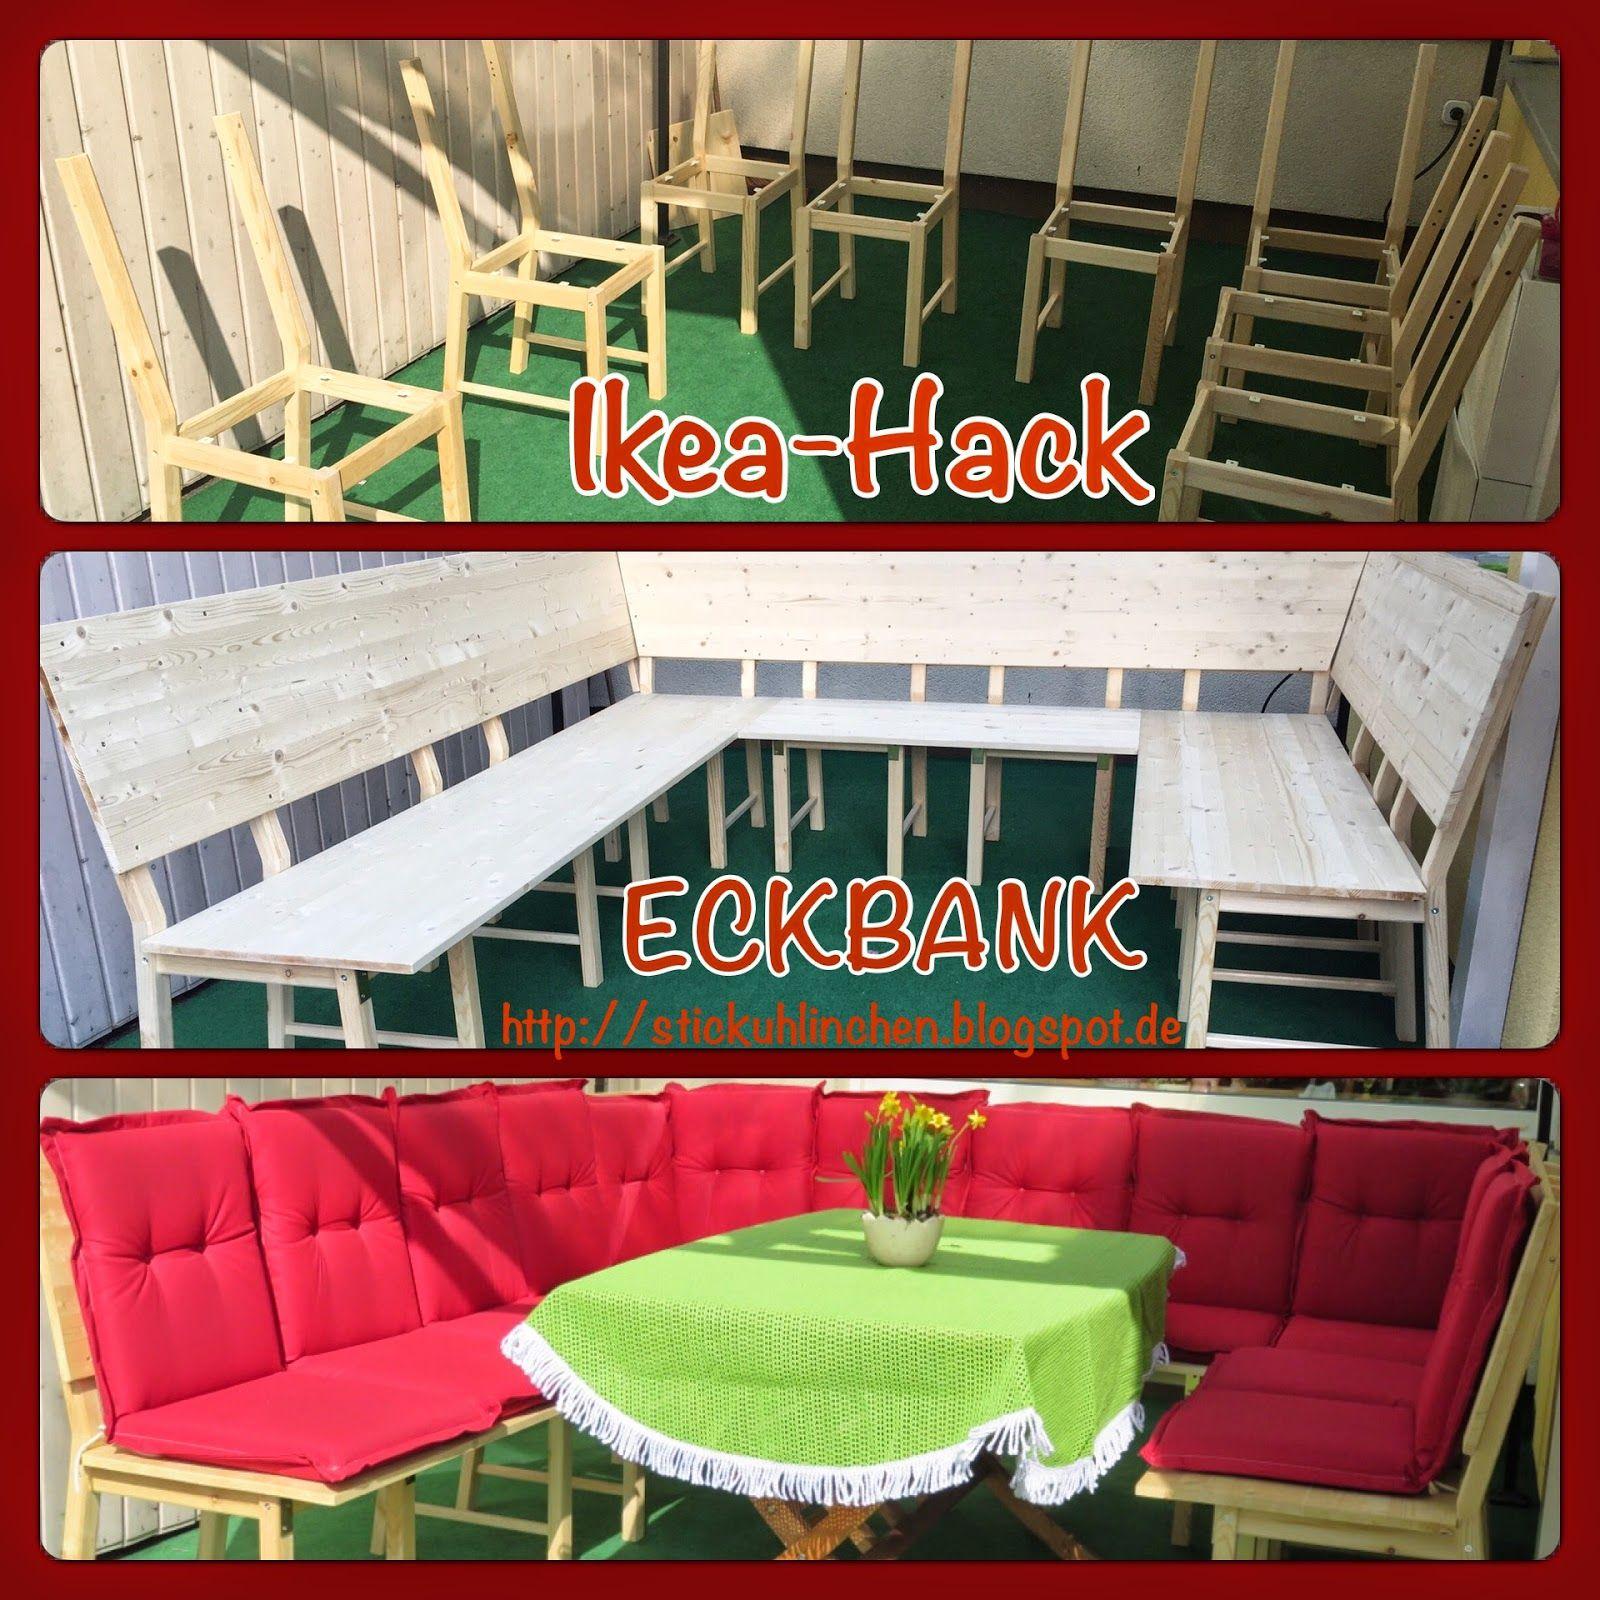 Eckbank modern ikea  DIY Ikea Hack - aus 8 Stühlen wird eine große Eckbank bzw. Lounge ...